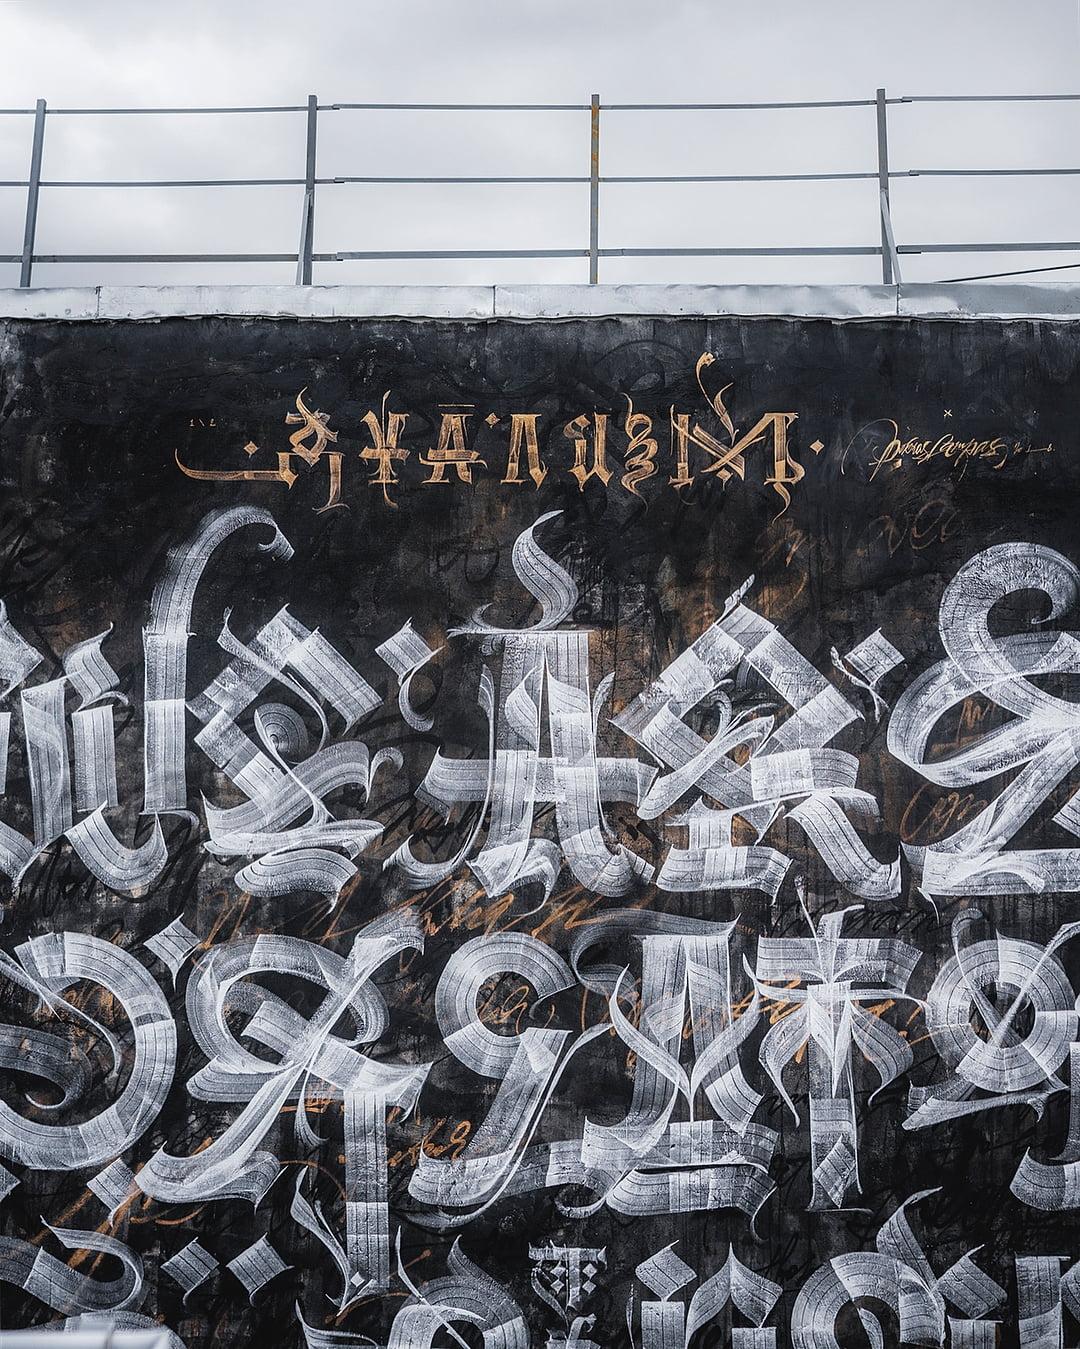 Дуализм. Санкт-Петербург. Pgoto by @19 tones